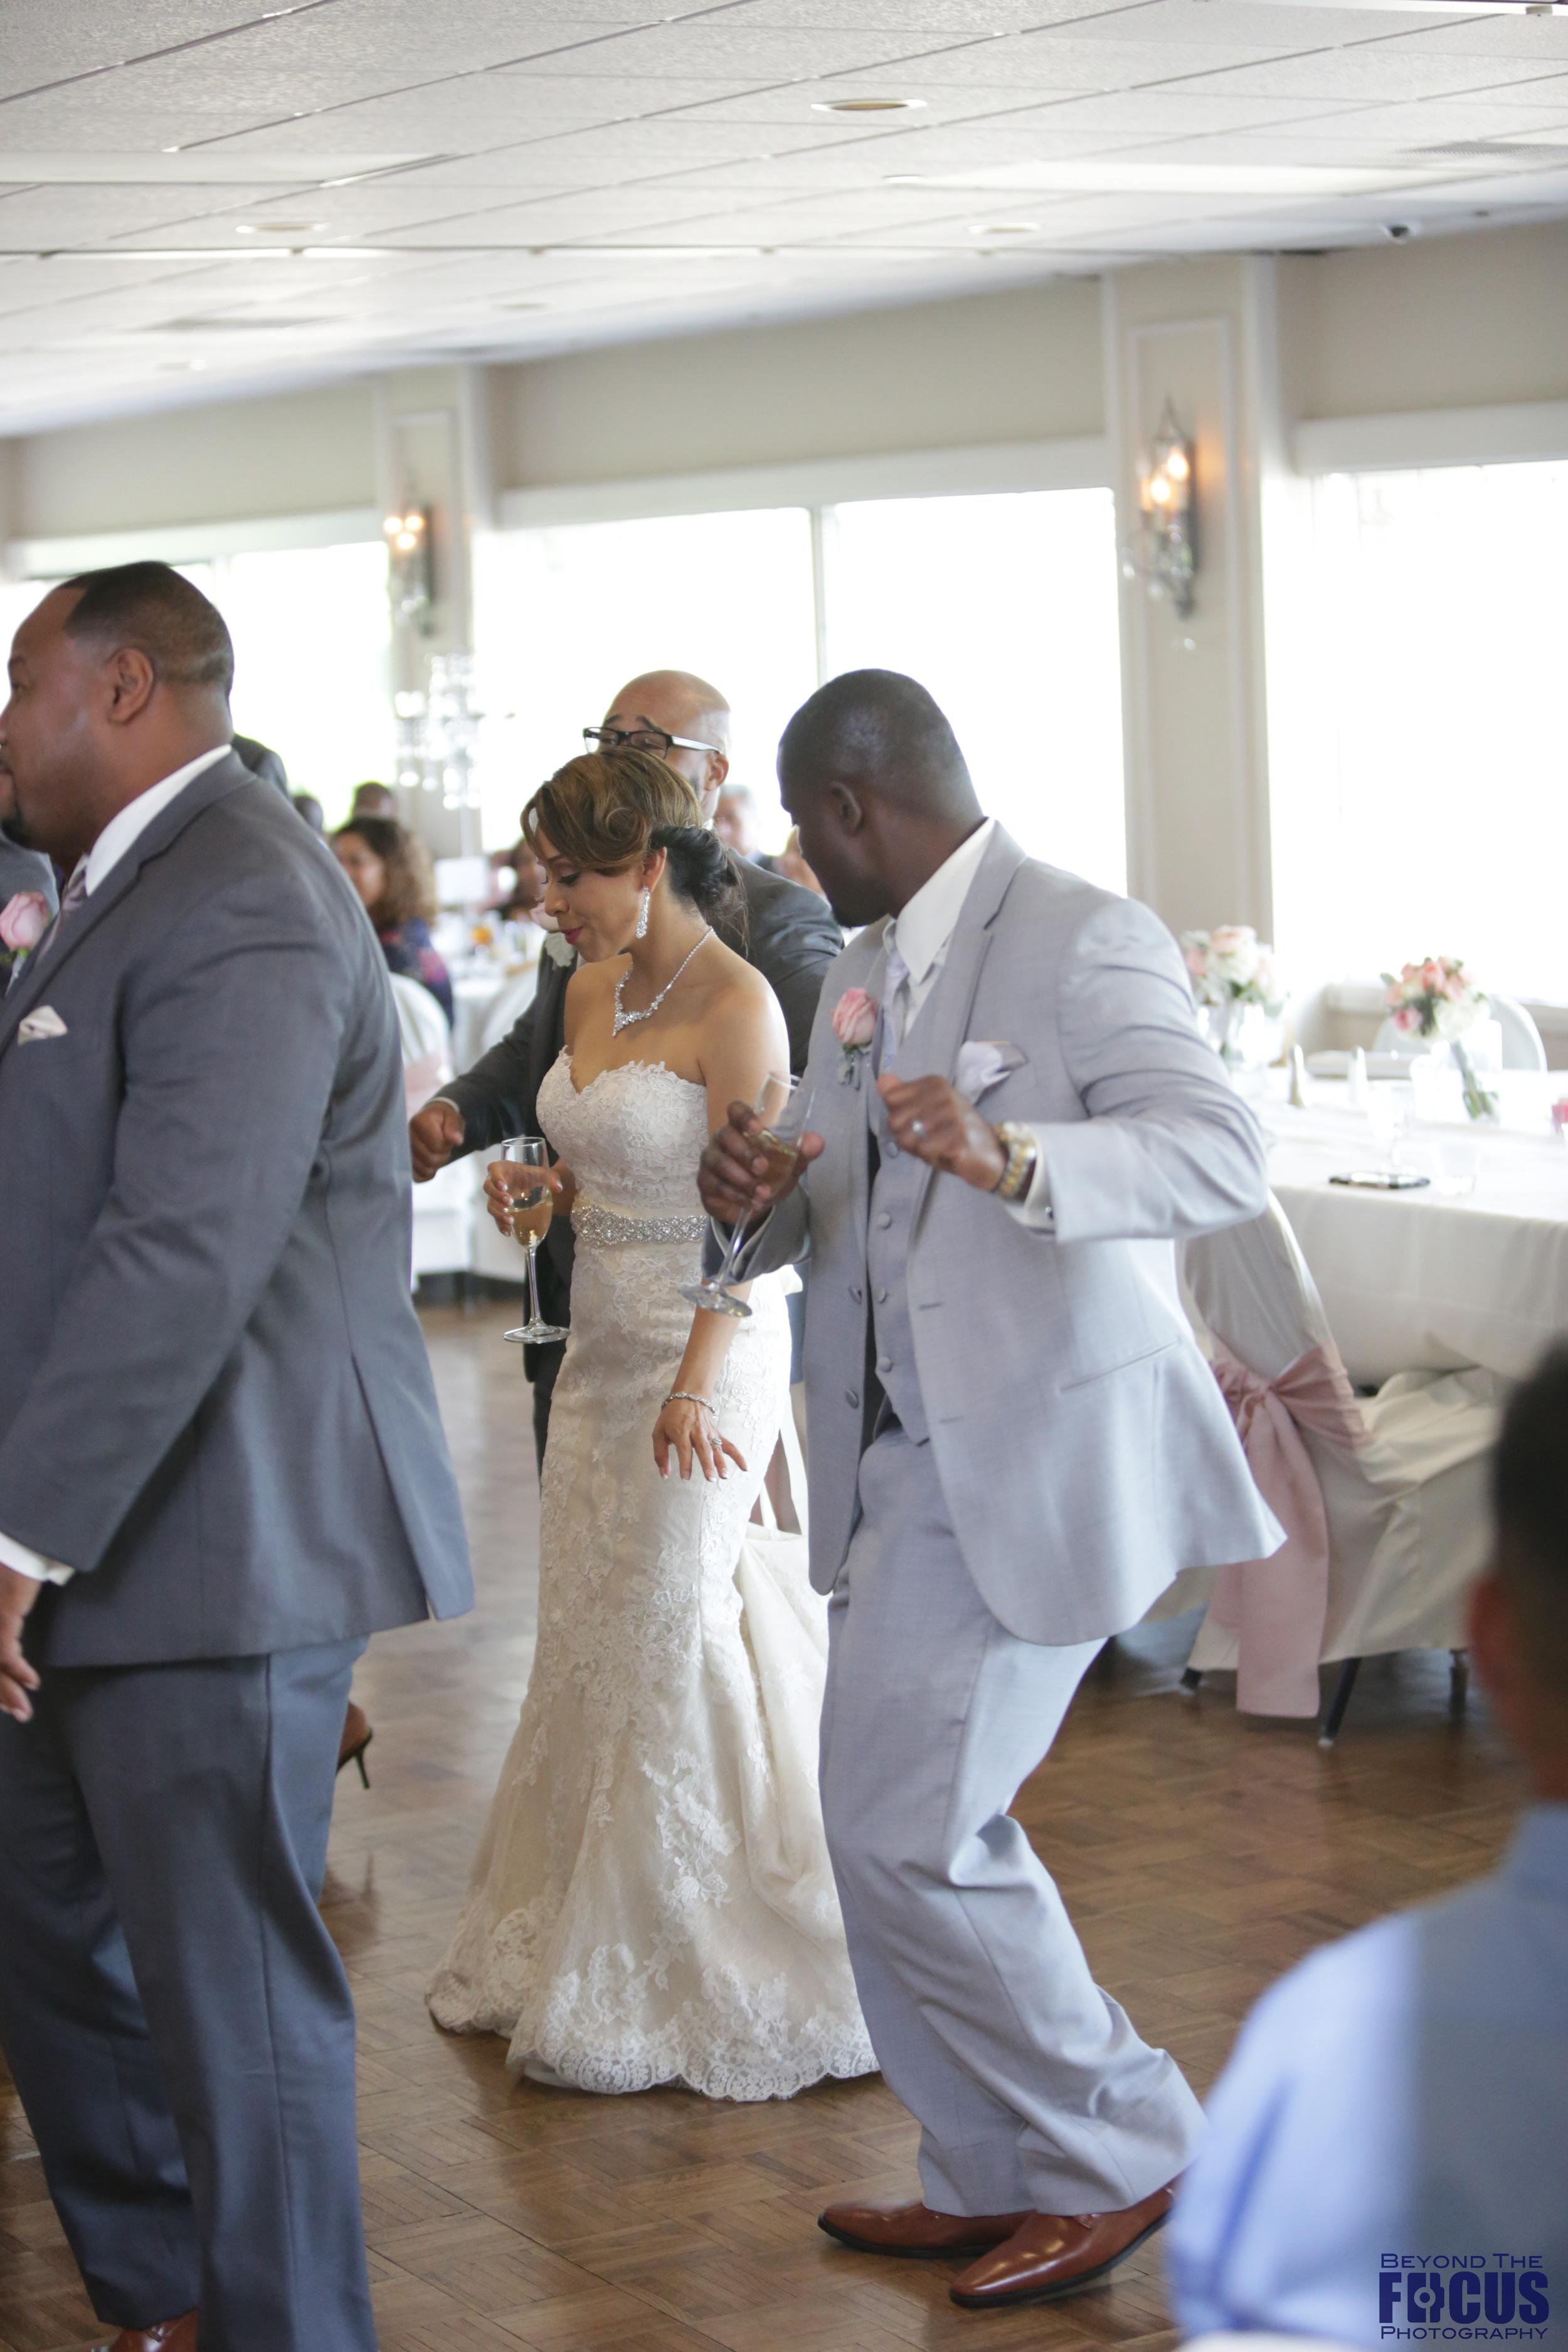 Palmer Wedding - Reception 24.jpg